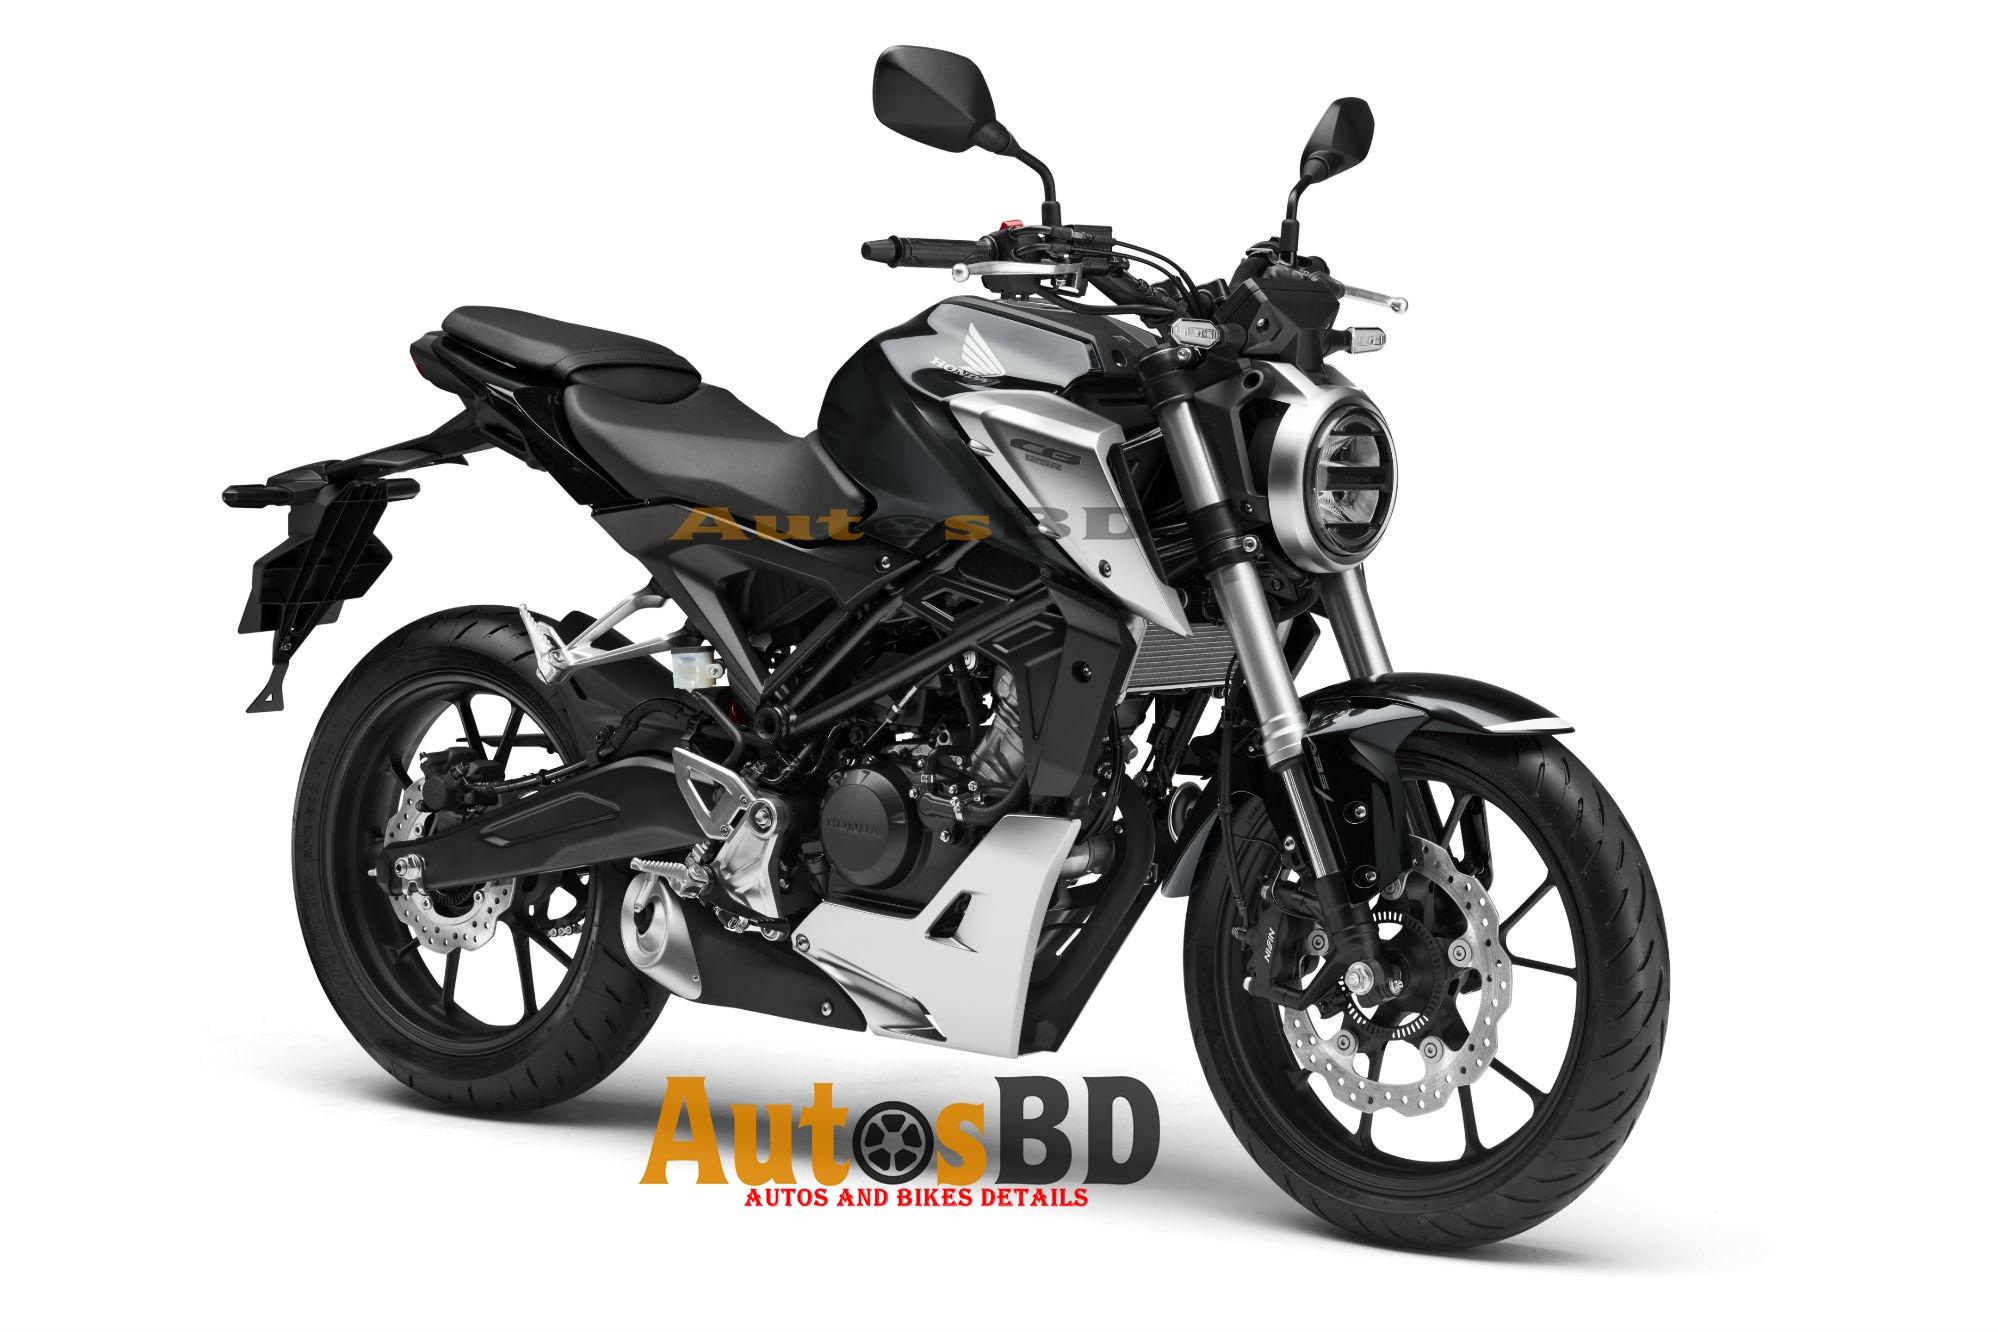 Honda CB125R Motorcycle Price in India